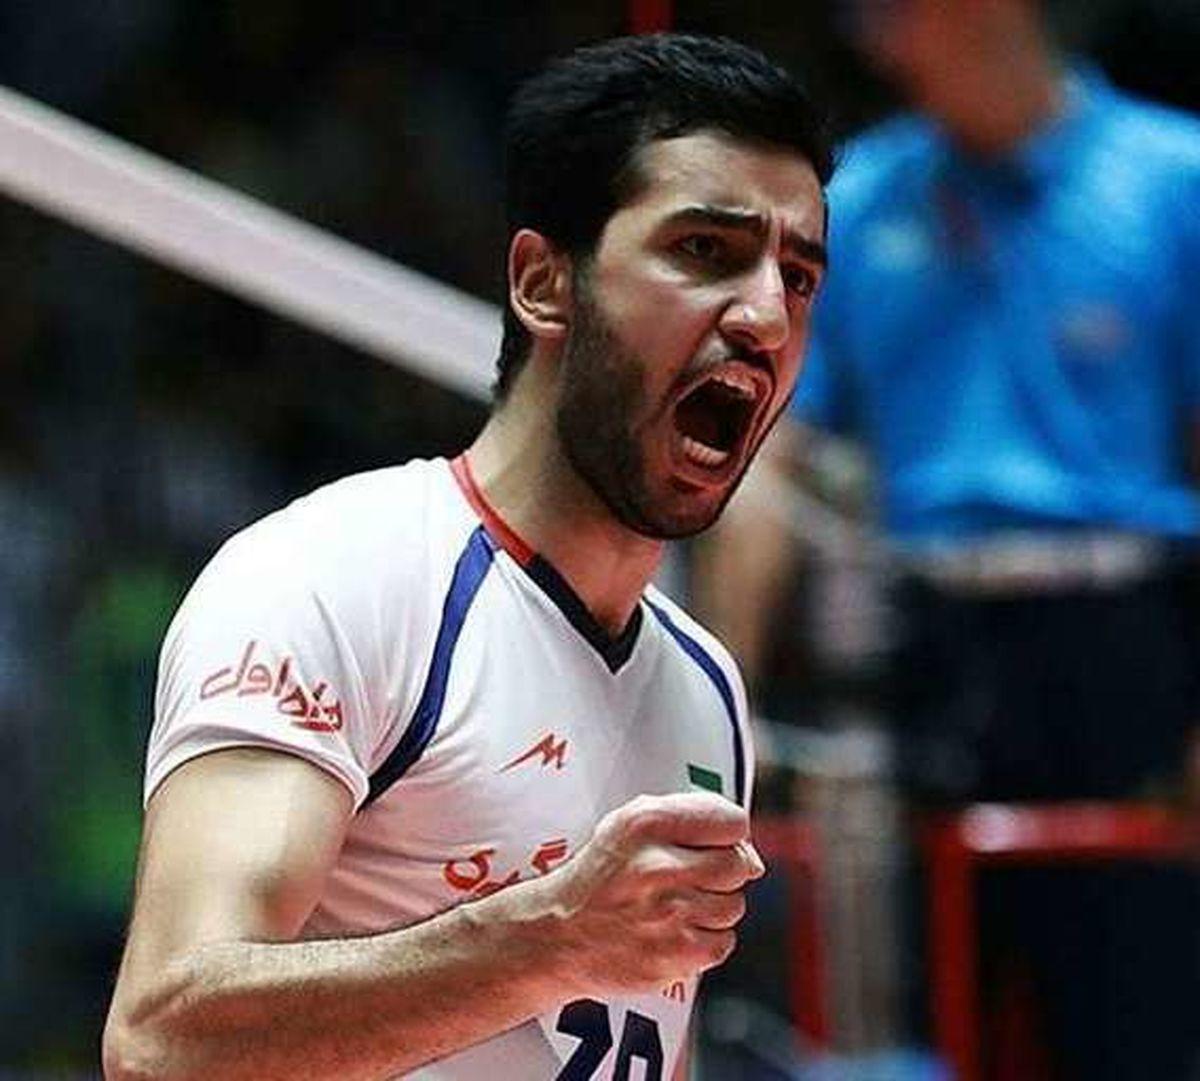 بیوگرافی مسعود غلامی بازیکن والیبال ایران+تصاویر